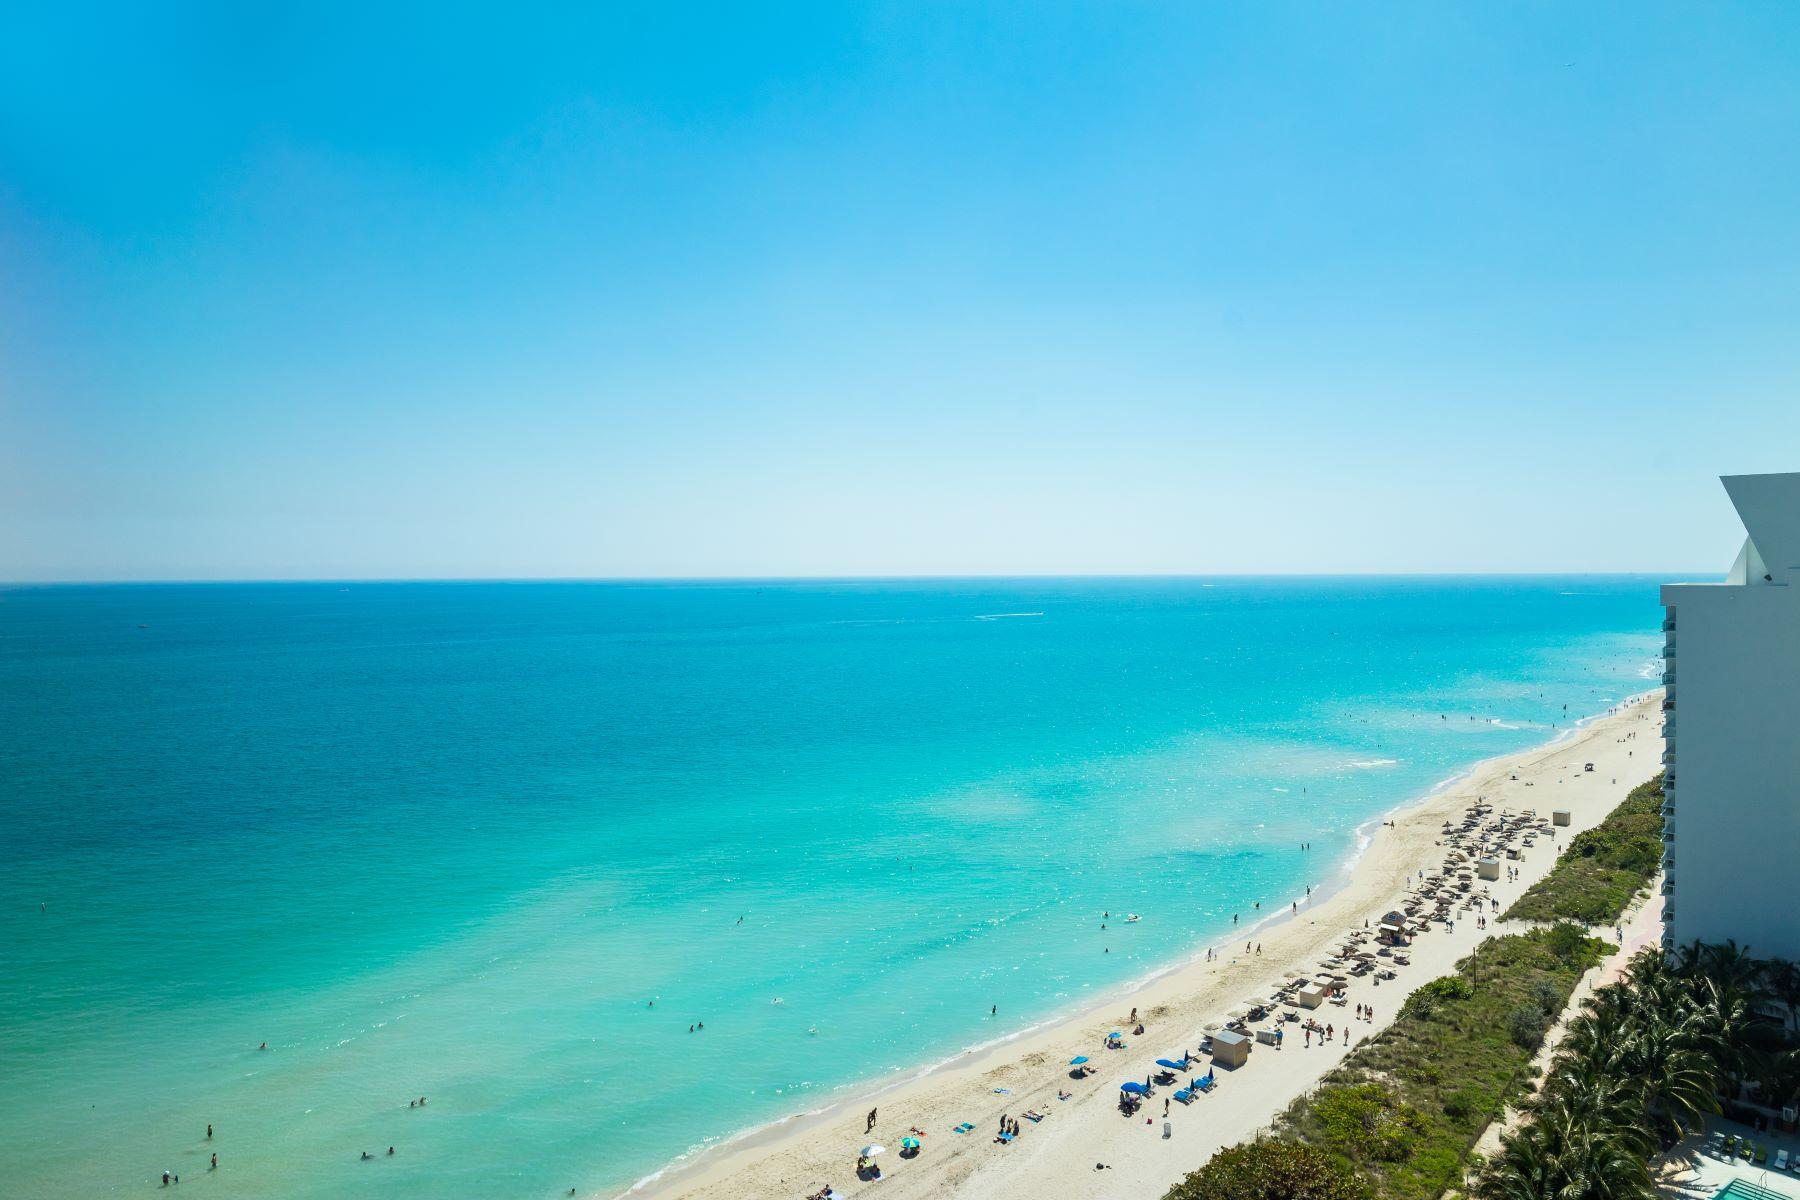 Condominium for Sale at 6901 Collins Av 601 Miami Beach, Florida 33141 United States